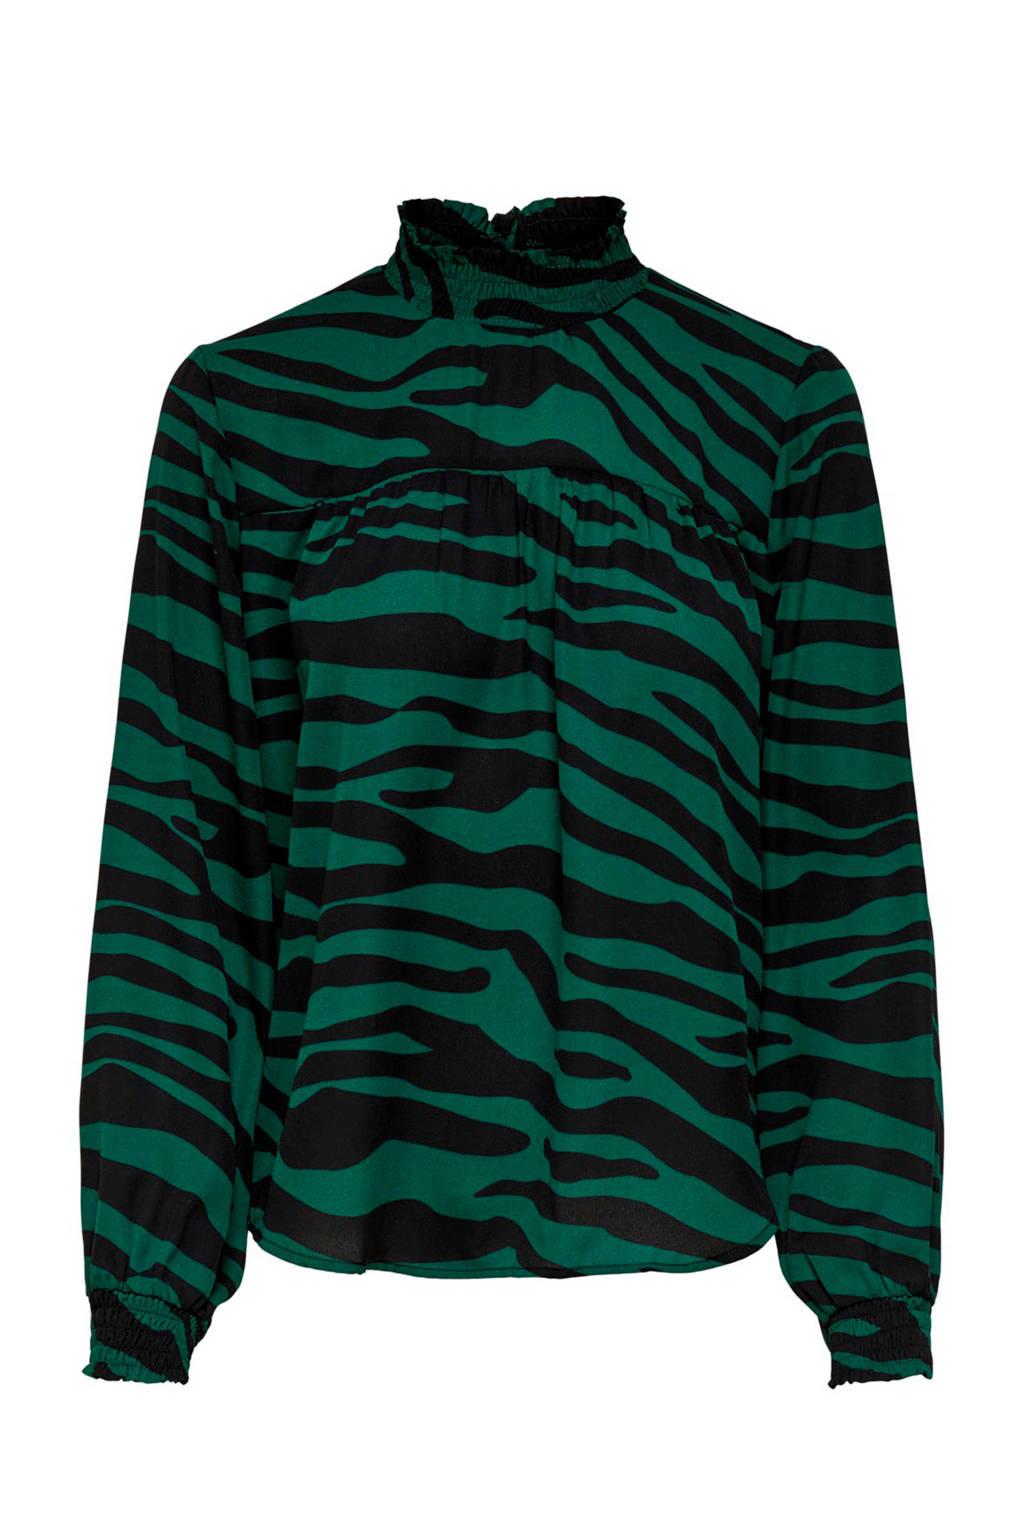 JACQUELINE DE YONG top met all over print groen, Groen